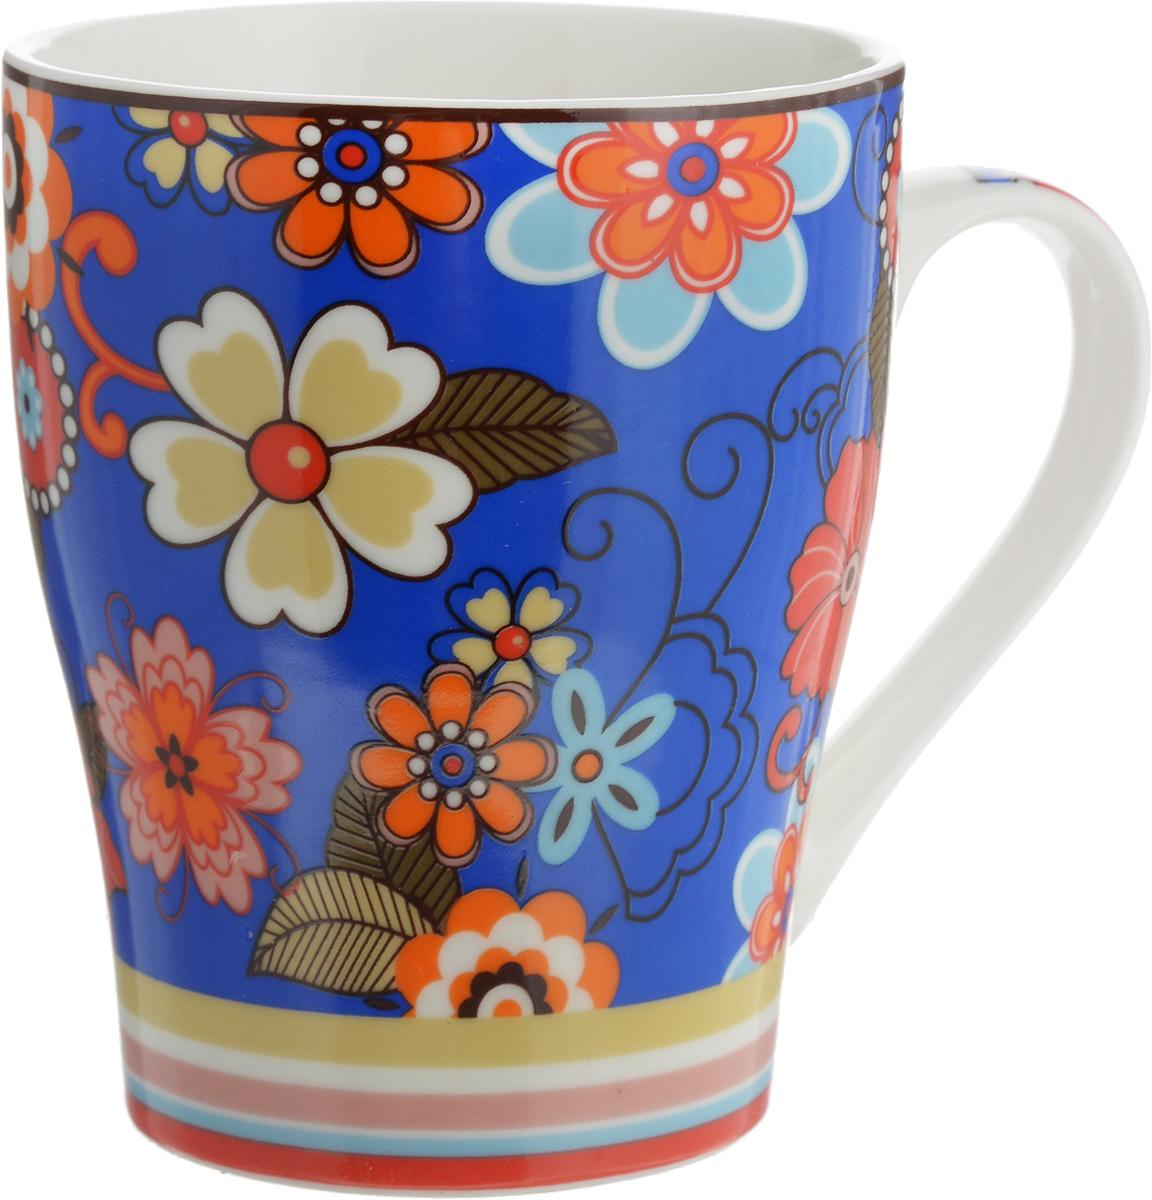 Кружка Доляна Мария, цвет: синий, красный, 300 мл68/5/3Кружка Доляна Мария изготовлена из высококачественной керамики. Изделие оформлено красочным рисунком и покрыто превосходной сверкающей глазурью. Изысканная кружка прекрасно оформит стол к чаепитию и станет его неизменным атрибутом.Диаметр кружки (по верхнему краю): 8,5 см.Высота кружки: 10,5 см.